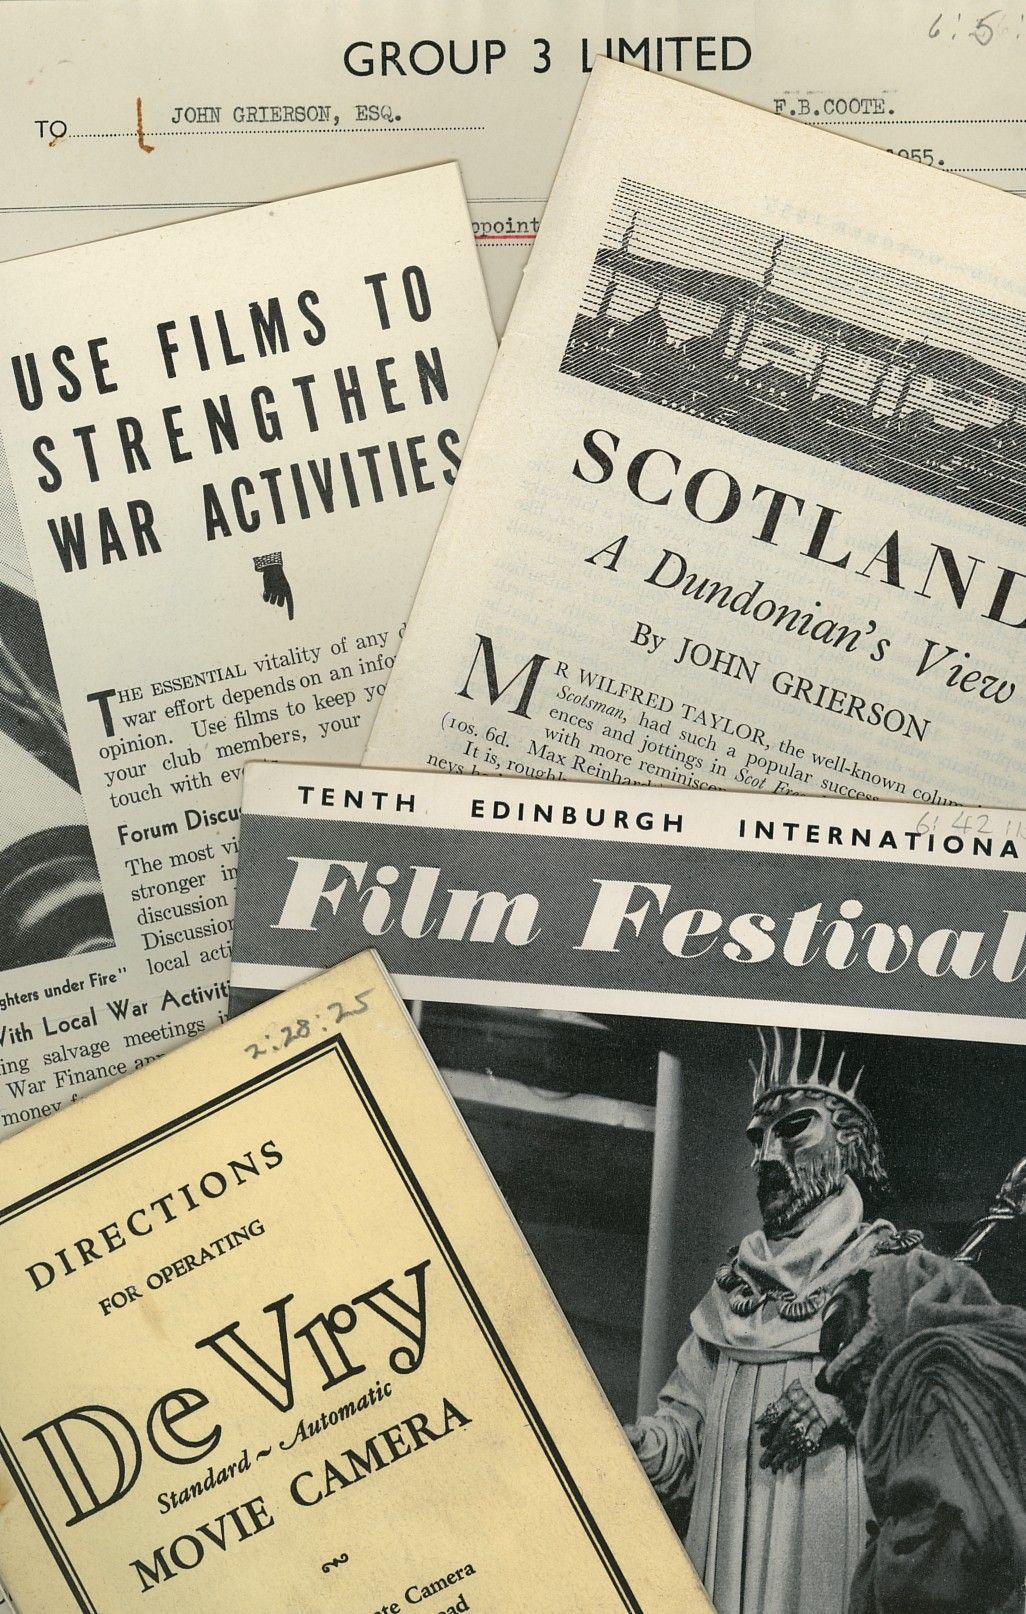 John Grierson Archive